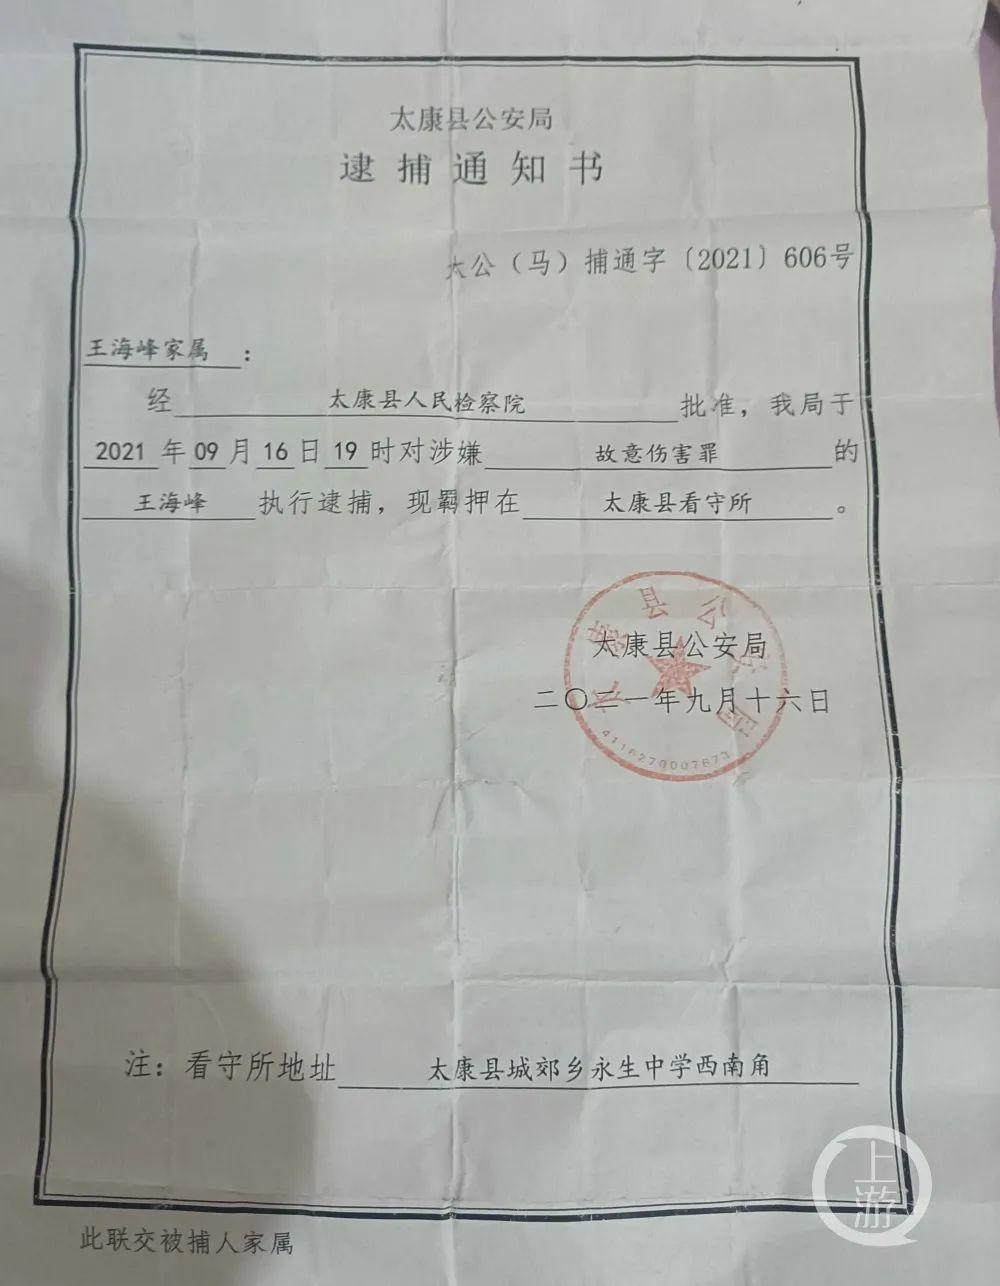 校长王海峰因涉嫌故意伤害罪被检方批捕。/上游新闻记者 沈度